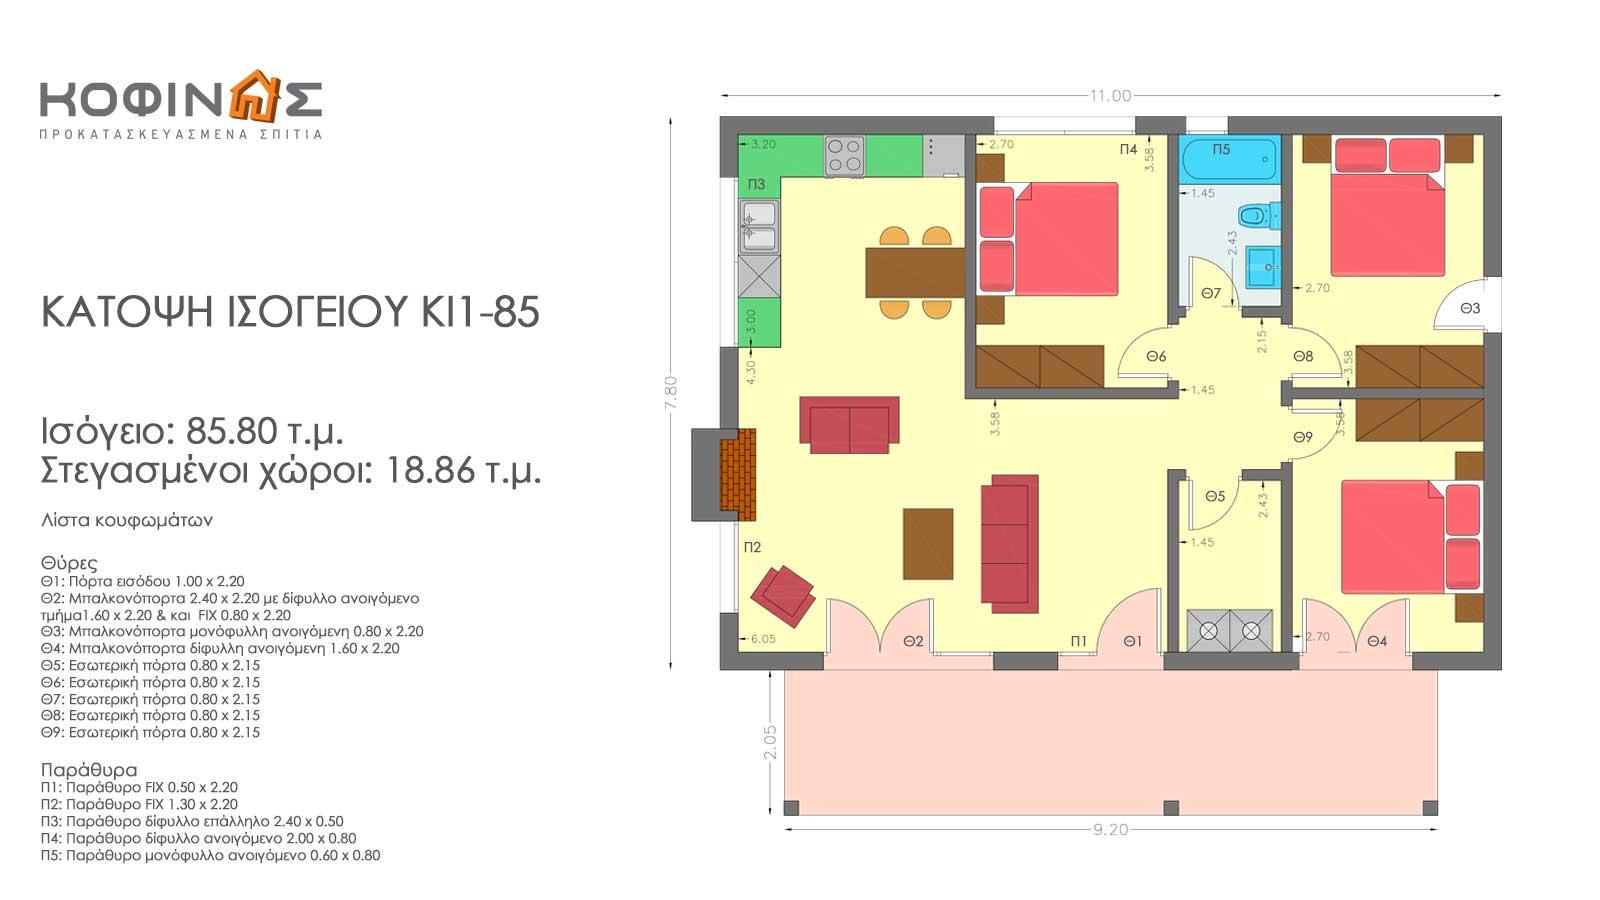 Ισόγεια Κατοικία ΚI1-85 (85,80 τ.μ.) – Τιμή: 67.000€